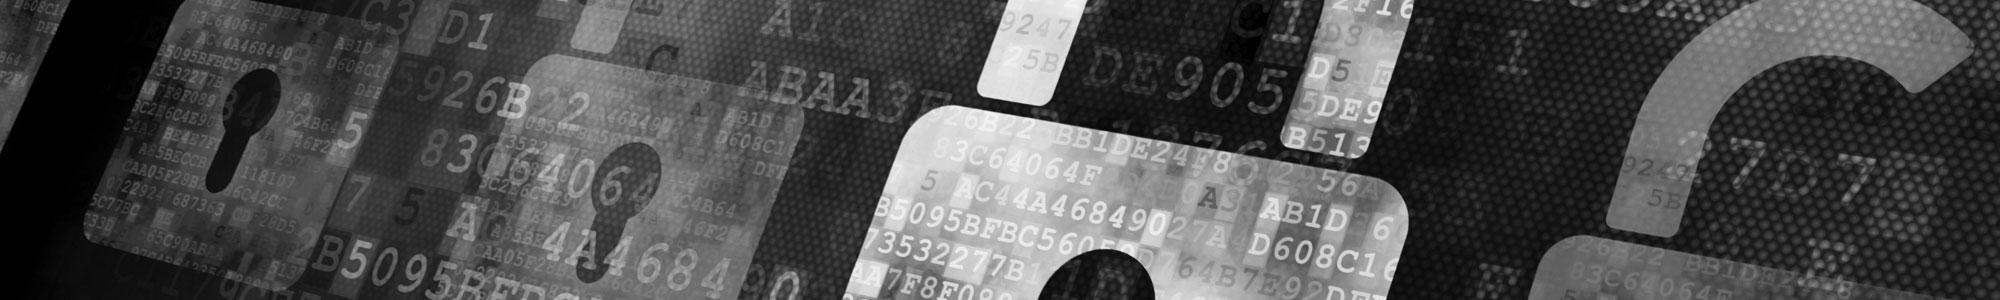 Datenschutz sw 2000